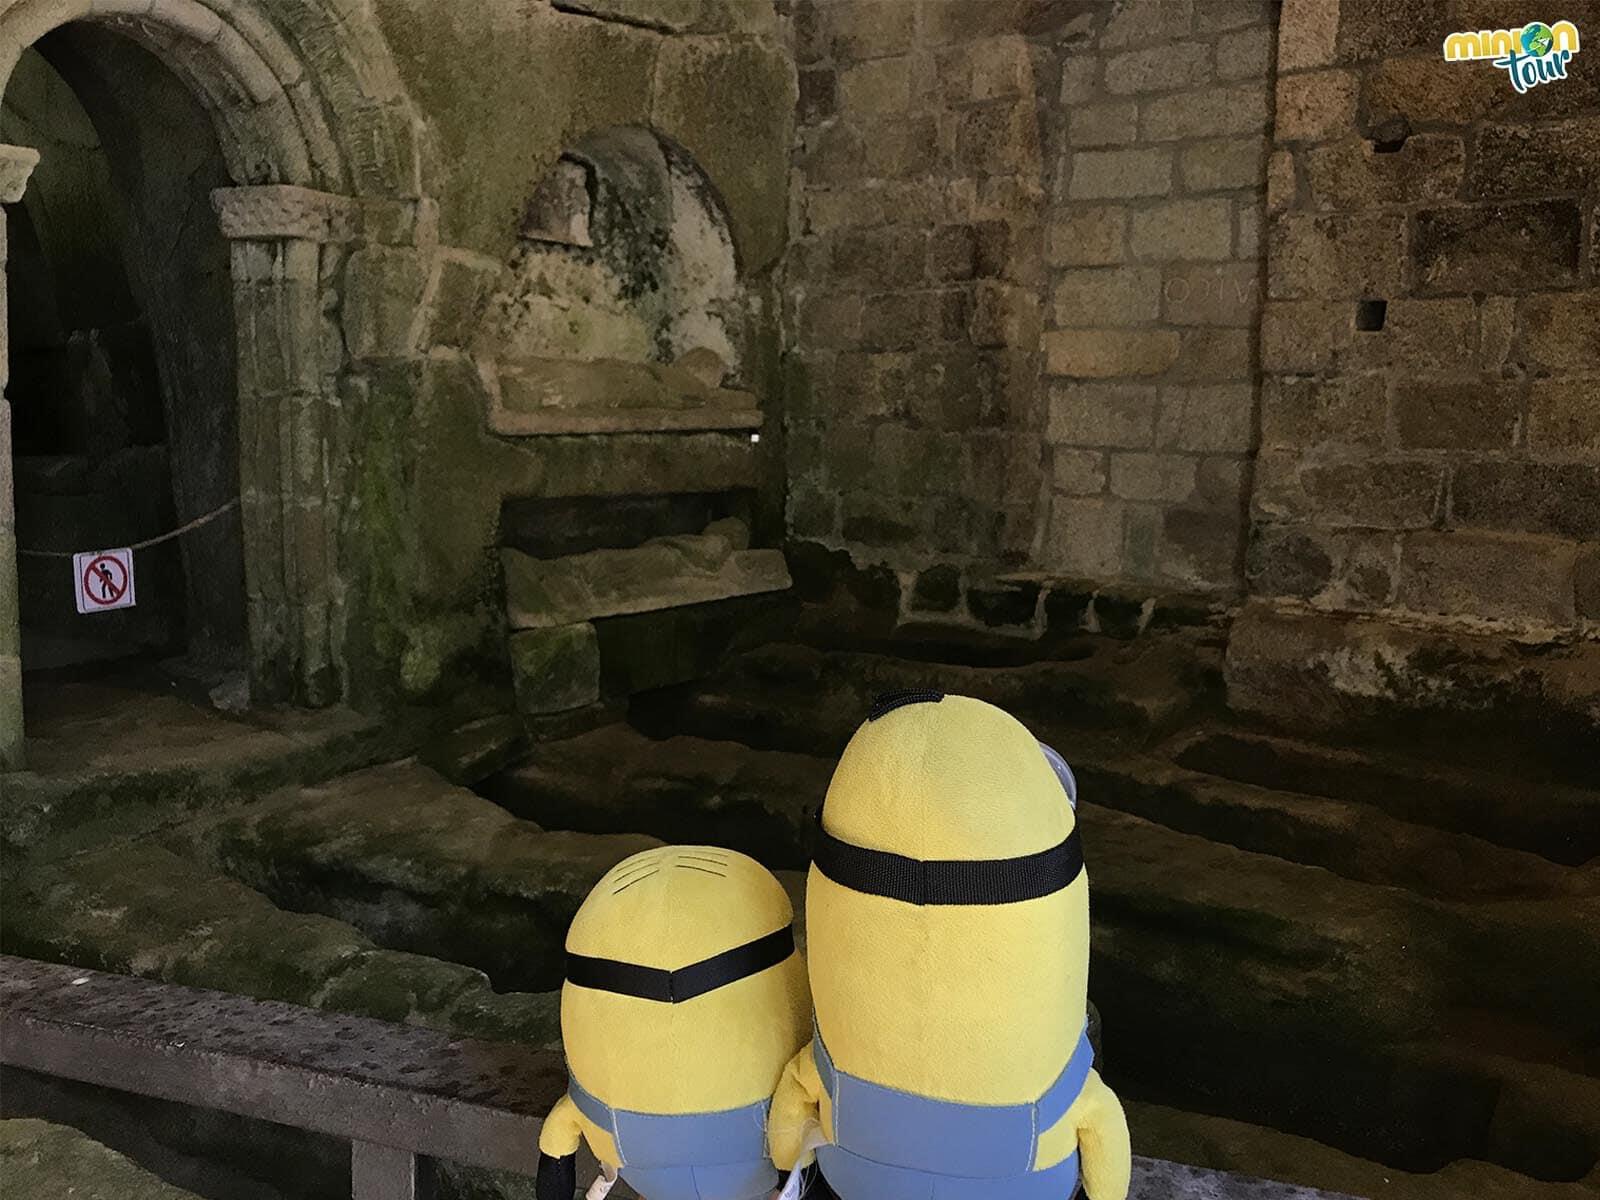 Estamos alucinando con las tumbas antropoformas de San Pedro de Rocas